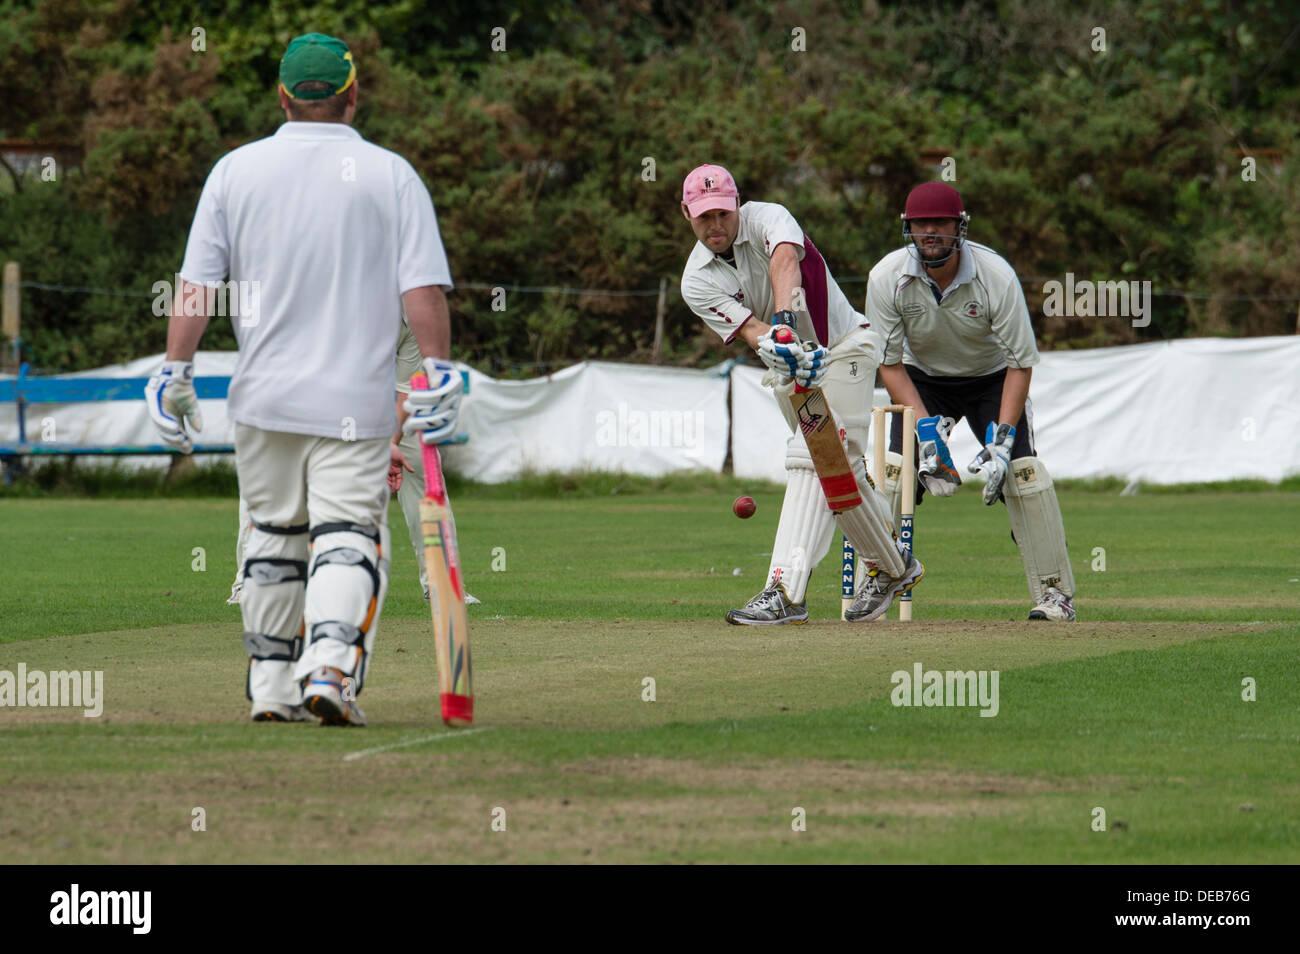 Hombres jugando un partido de cricket de aldea el domingo por la tarde, Gales, Reino Unido Imagen De Stock